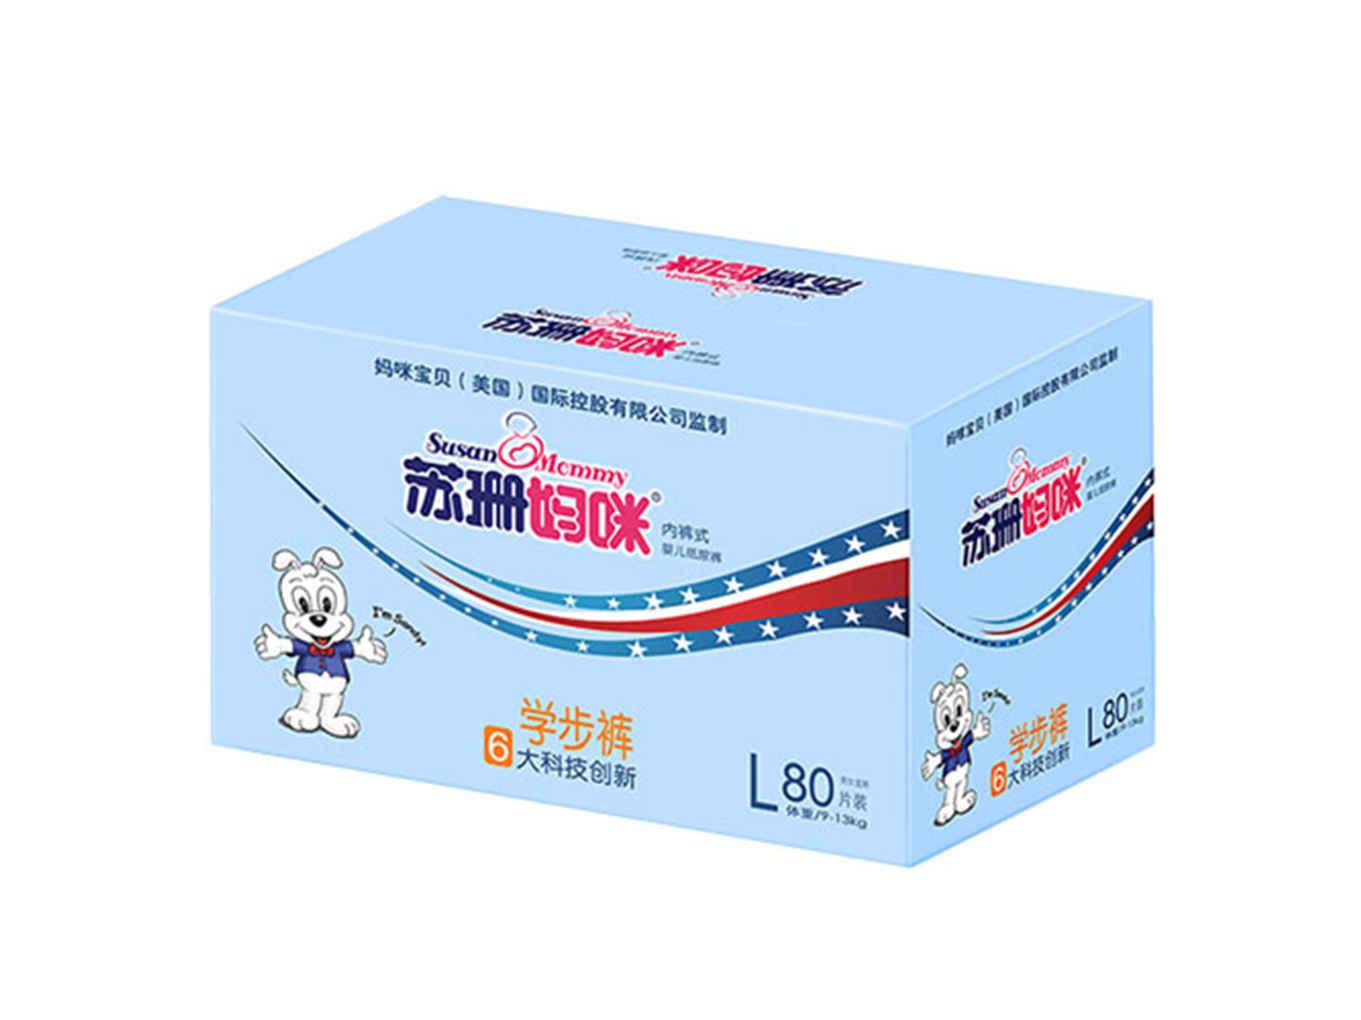 上海专业的新生儿纸尿裤-福建可信赖的妮菲猫尿片供应商是哪家